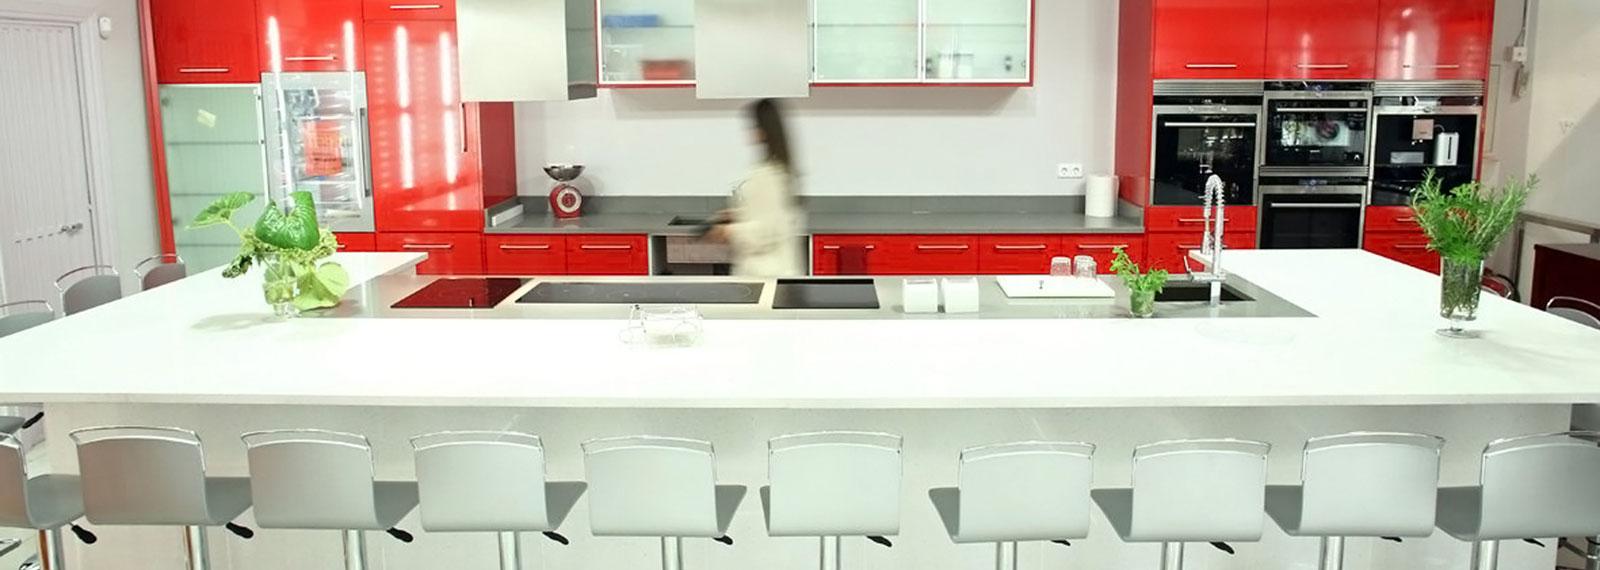 Escuela de cocina casa de campo madrid for Cursos de cocina madrid